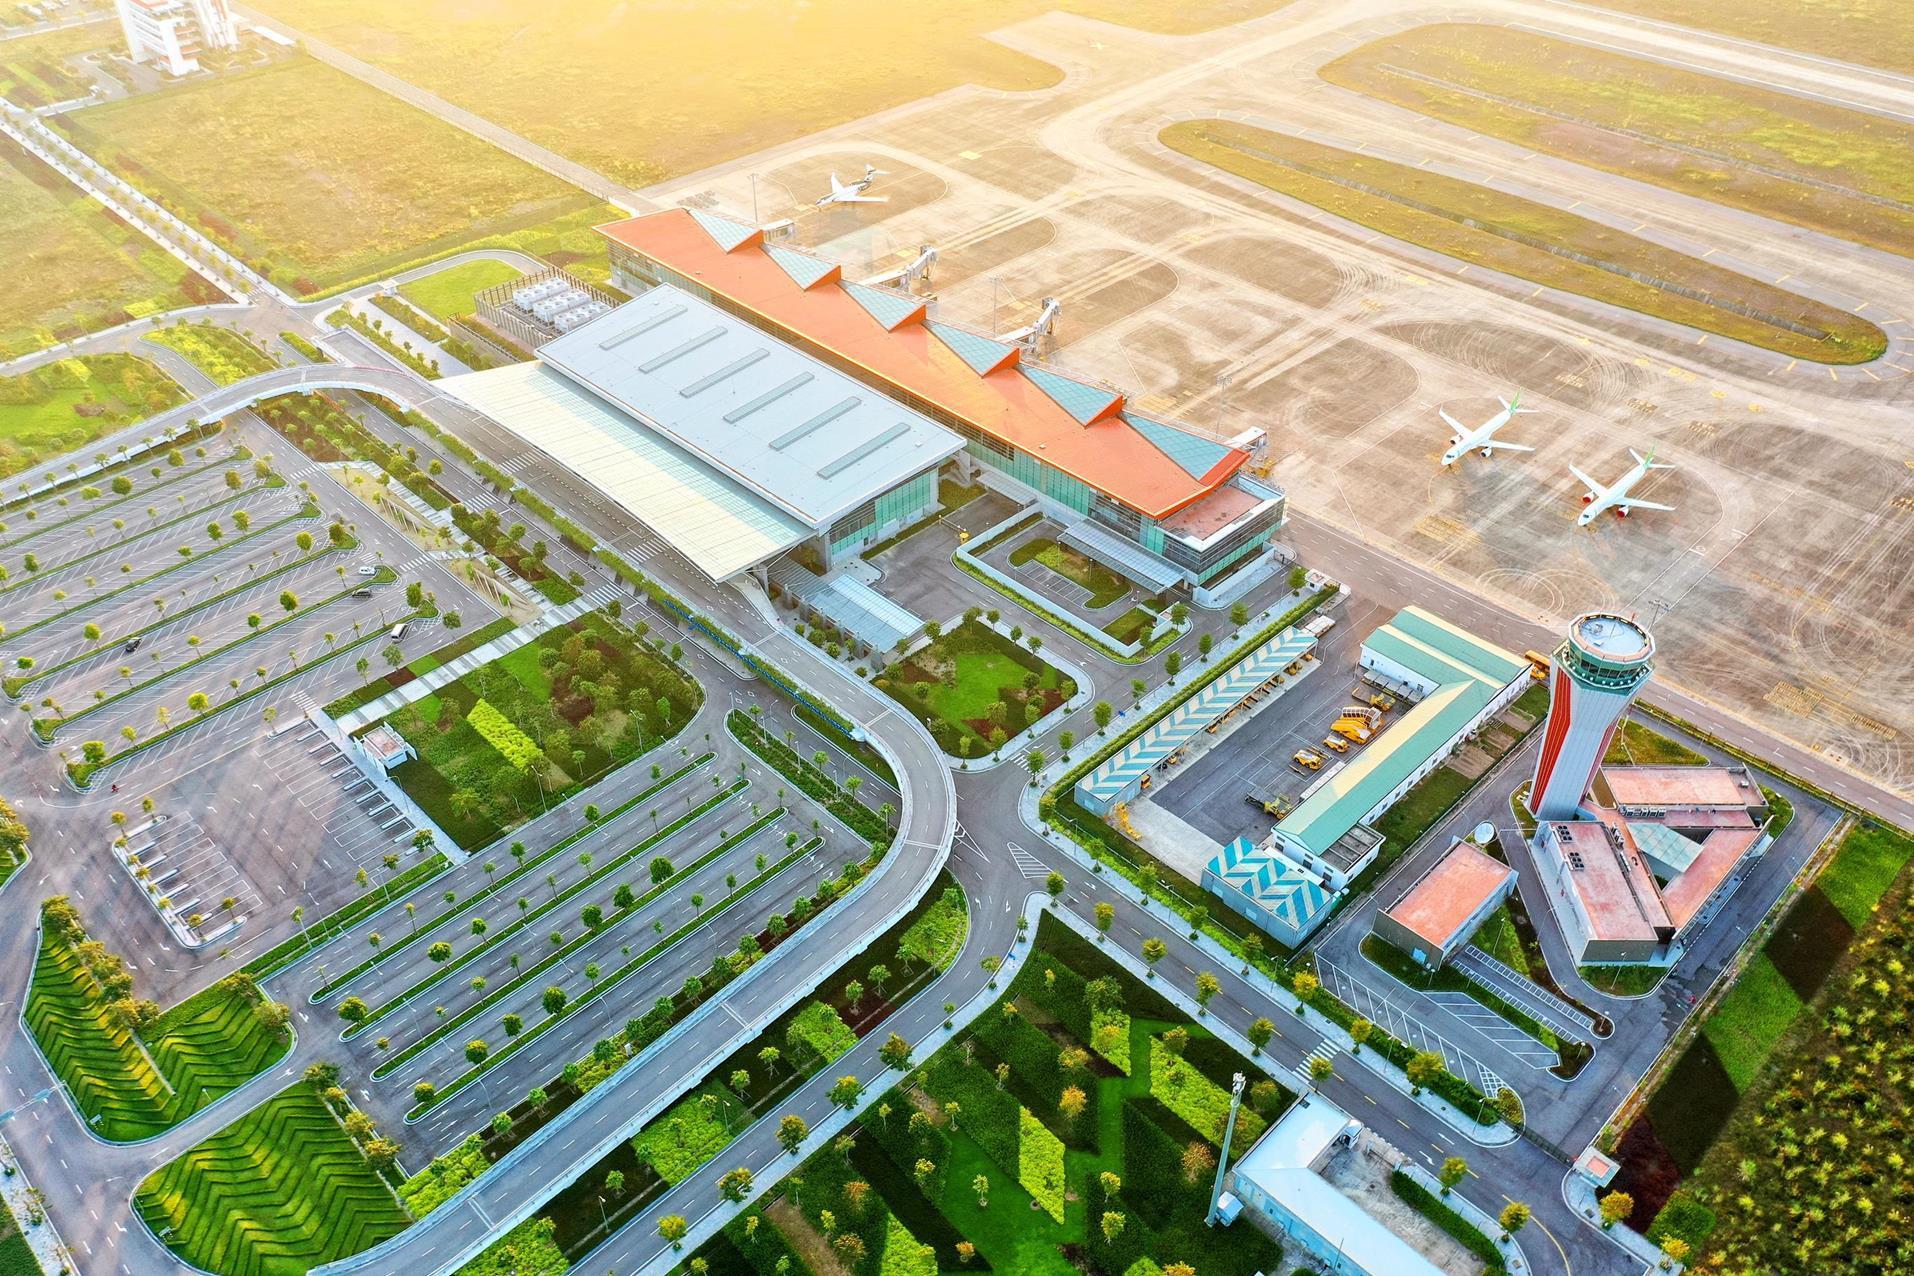 Điều ít biết về kiến trúc độc đáo của Sân bay khu vực hàng đầu thế giới 2020 (Kính nhờ chị hỗ trợ cho đăng giúp em vị trí Bài ảnh và Title xuất hiện trang chủ với ạ!) - Ảnh 4.